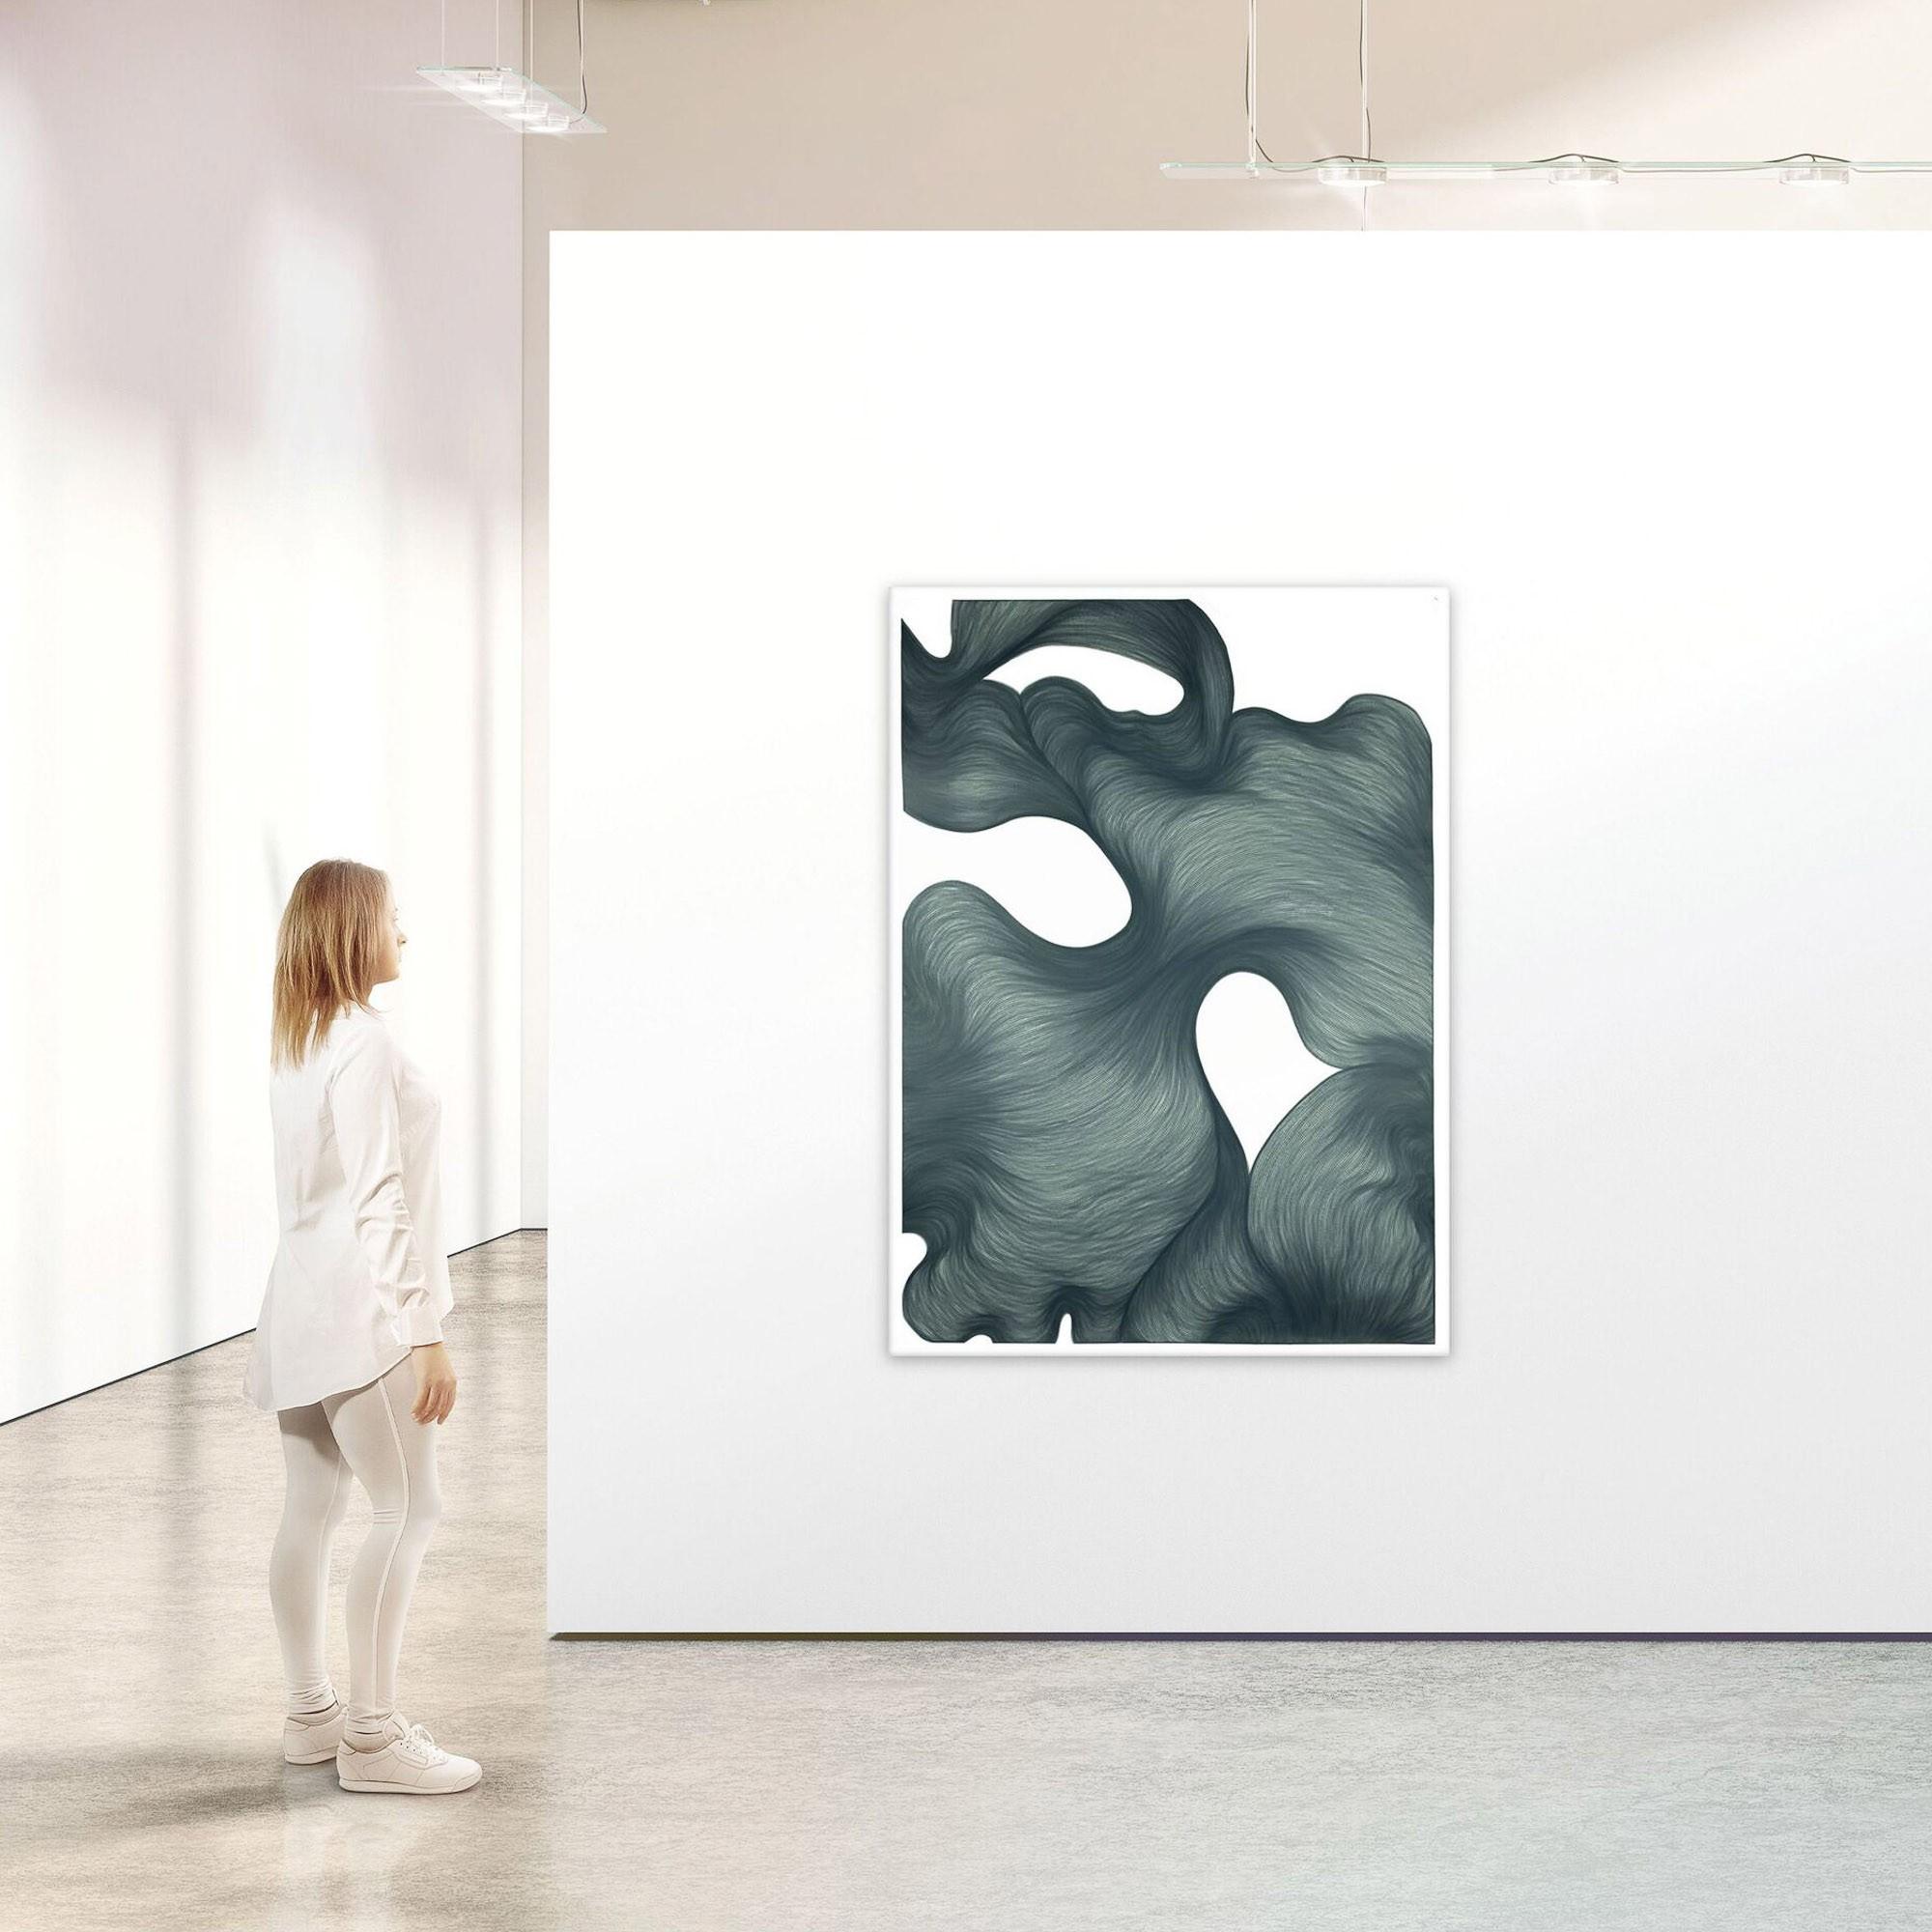 Farfala di fumo | Lali Torma | Zeichnung | Kalligraphie Tinte auf Papier - Galerieansicht 2